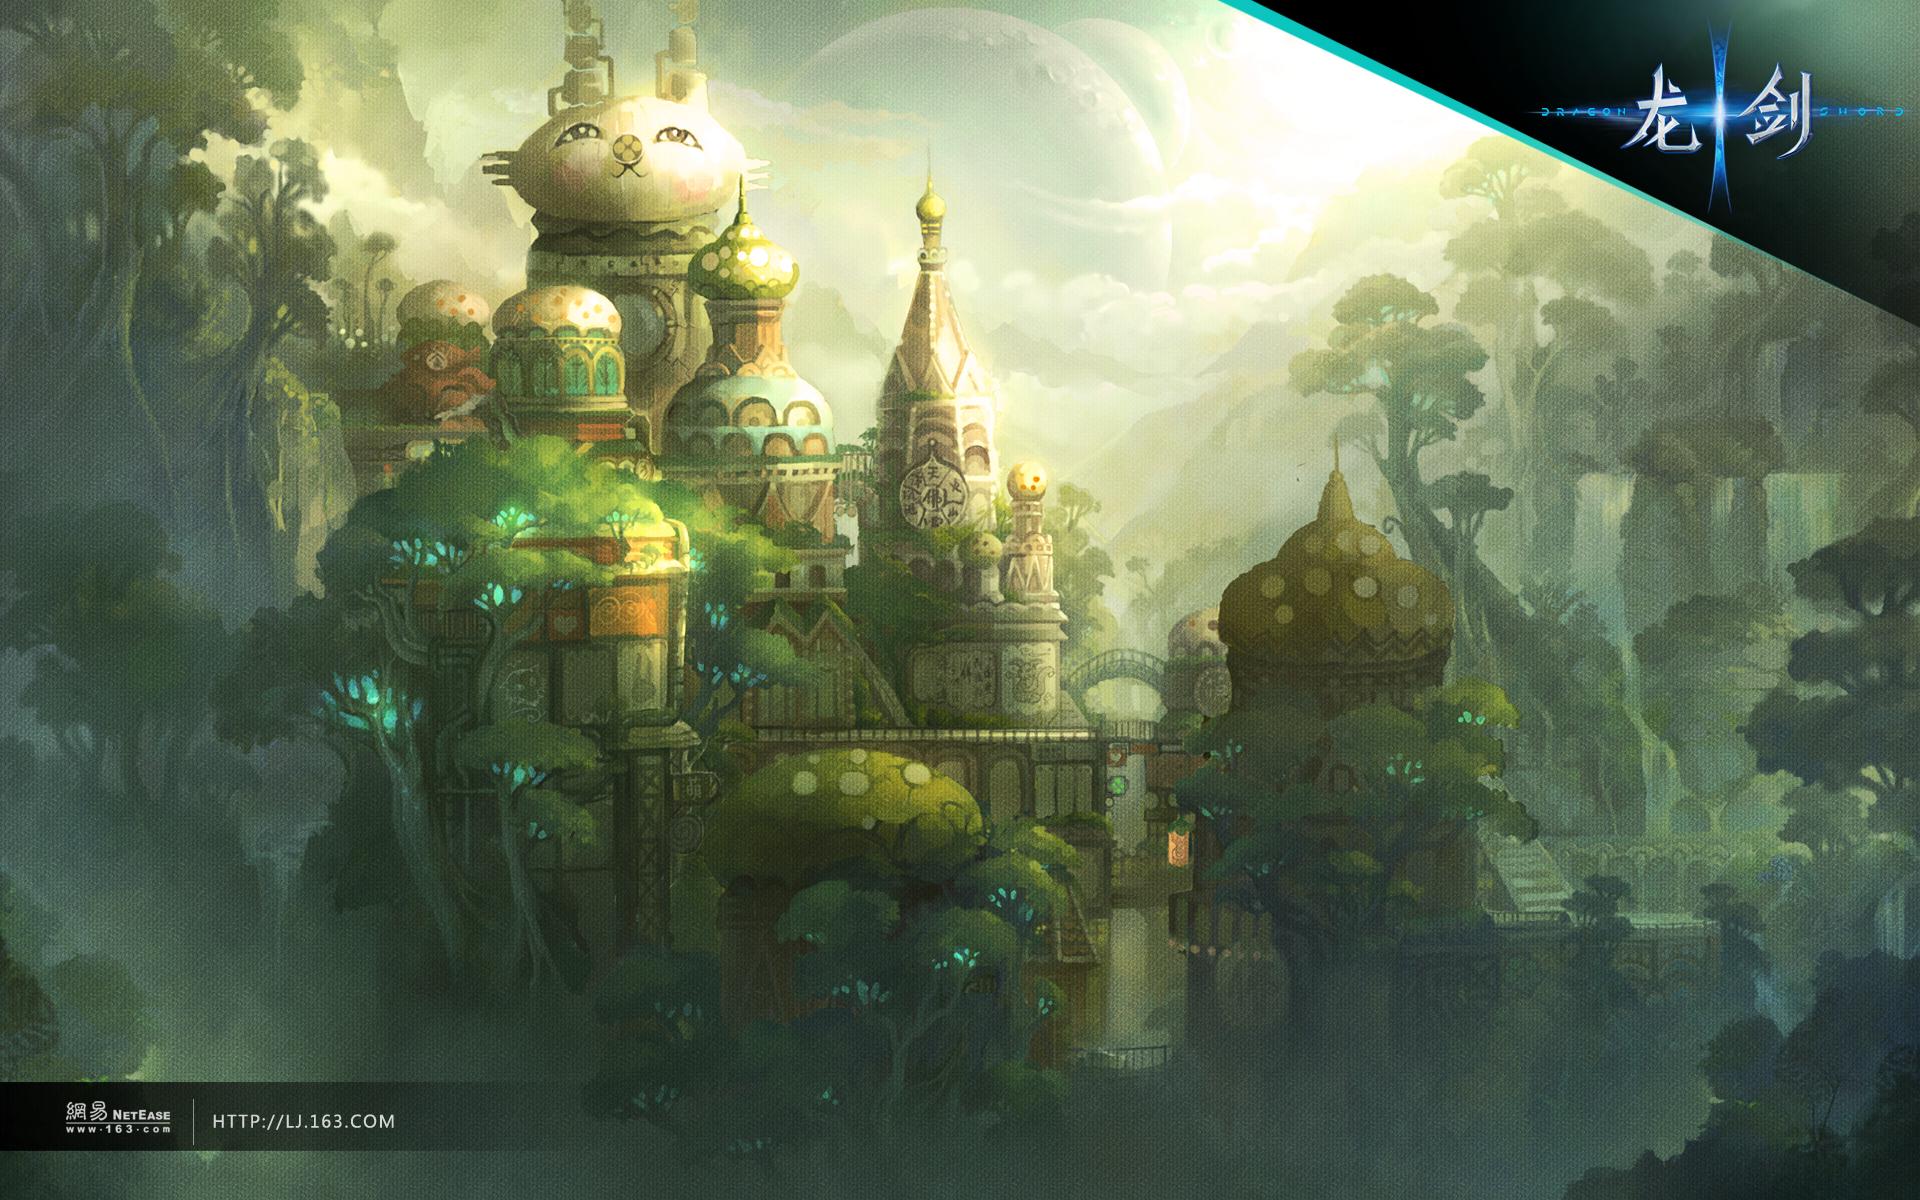 Ngắm phong cảnh tuyệt đẹp trong Long Kiếm